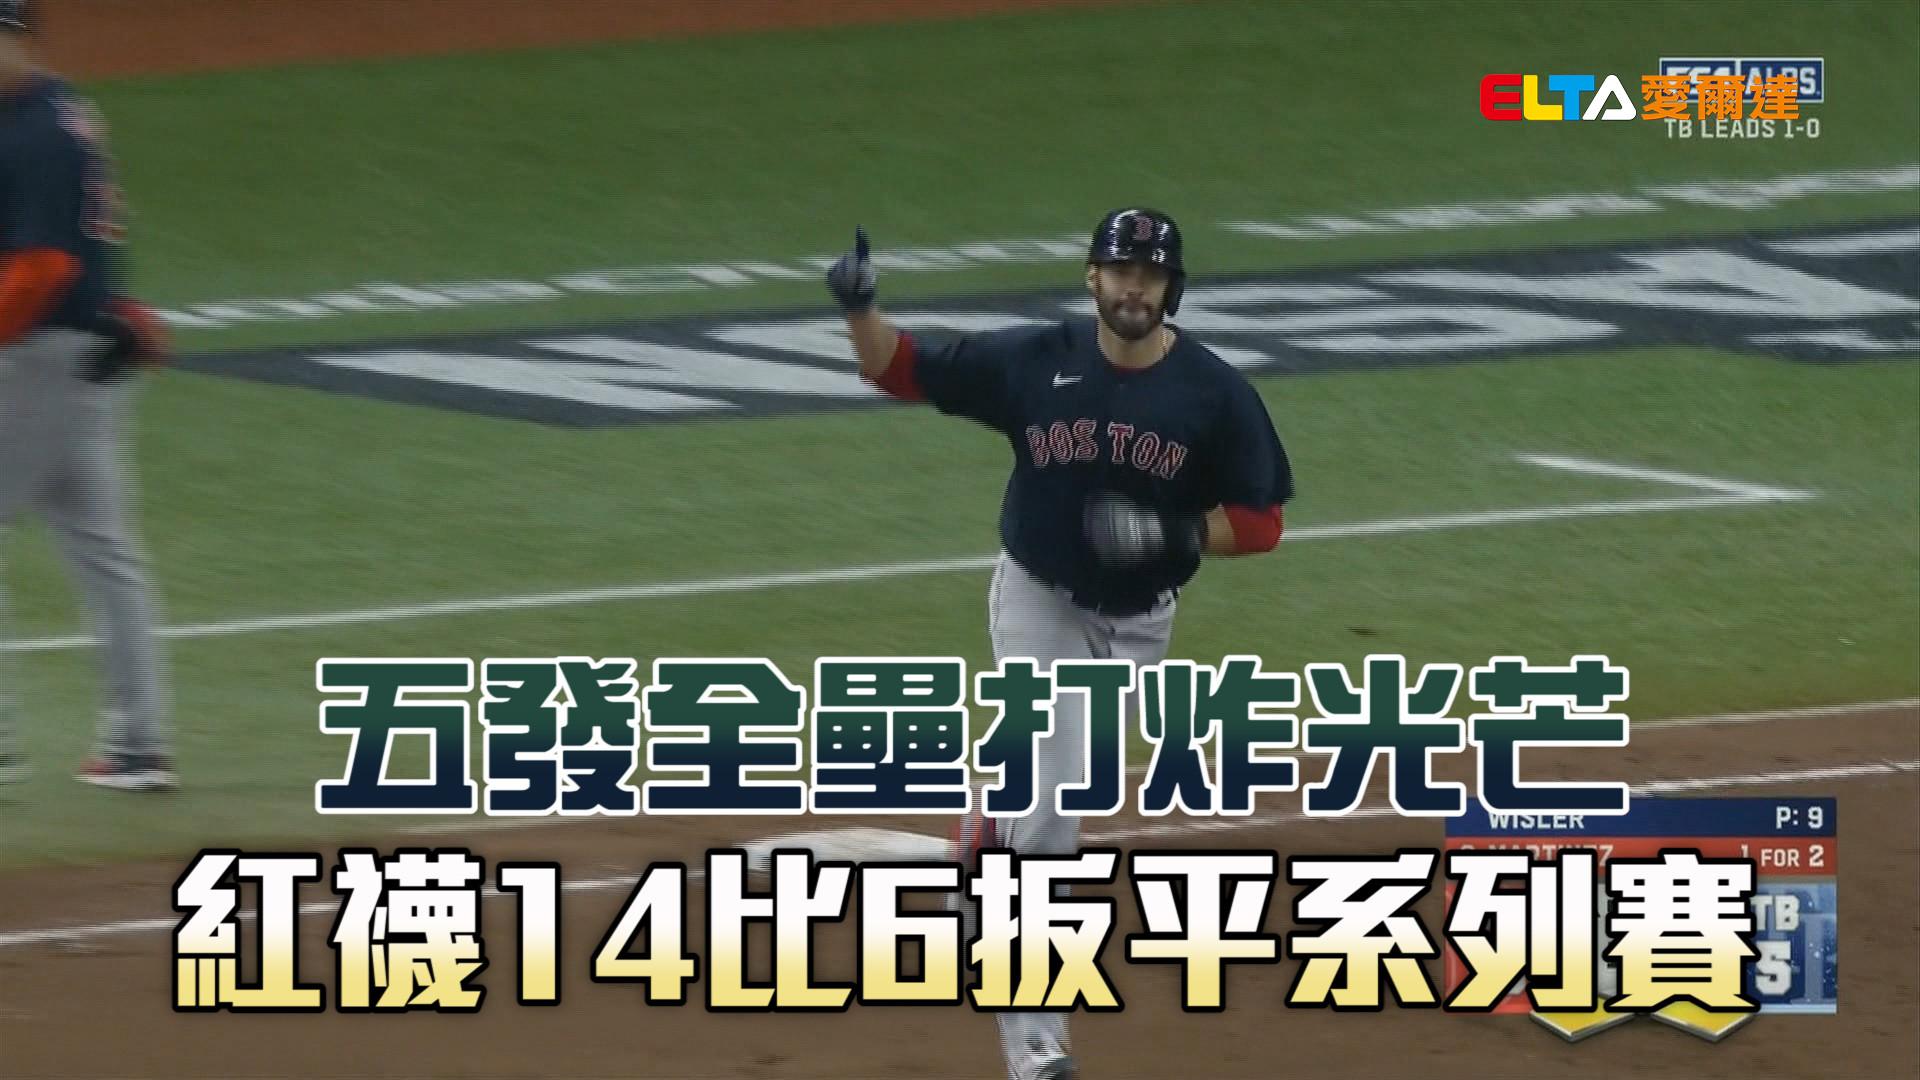 【MLB看愛爾達】五發全壘打炸光芒 紅襪14比6扳平系列賽 10/9